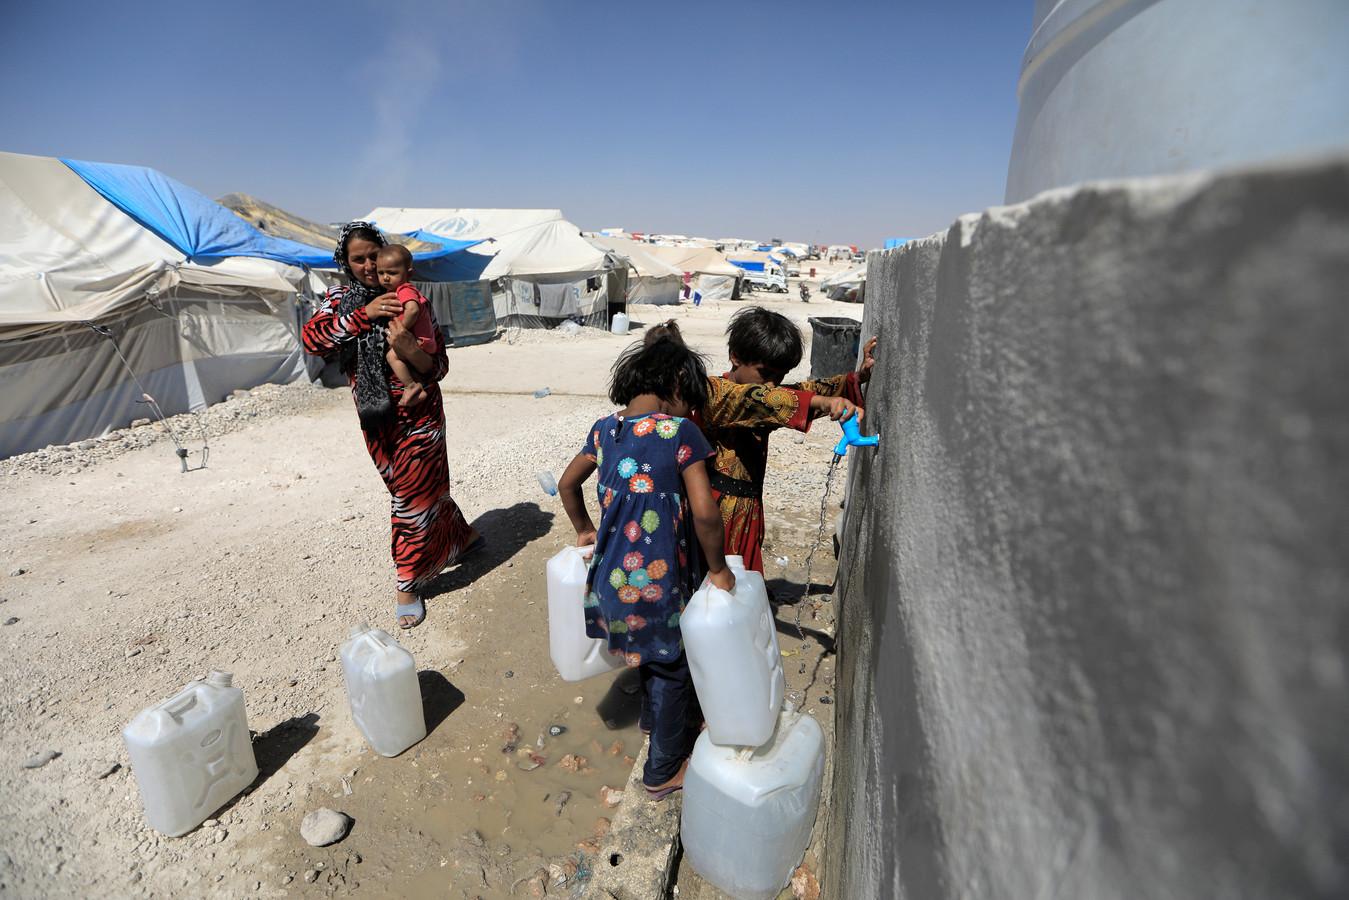 In het Syrische vluchtelingenkamp Ain Issa verblijft een groot aantal kinderen onder moeilijke omstandigheden. Ook de kinderen van de overleden Zwolse jihadiste Karenia bleven hier alleen achter na de dood van hun moeder.